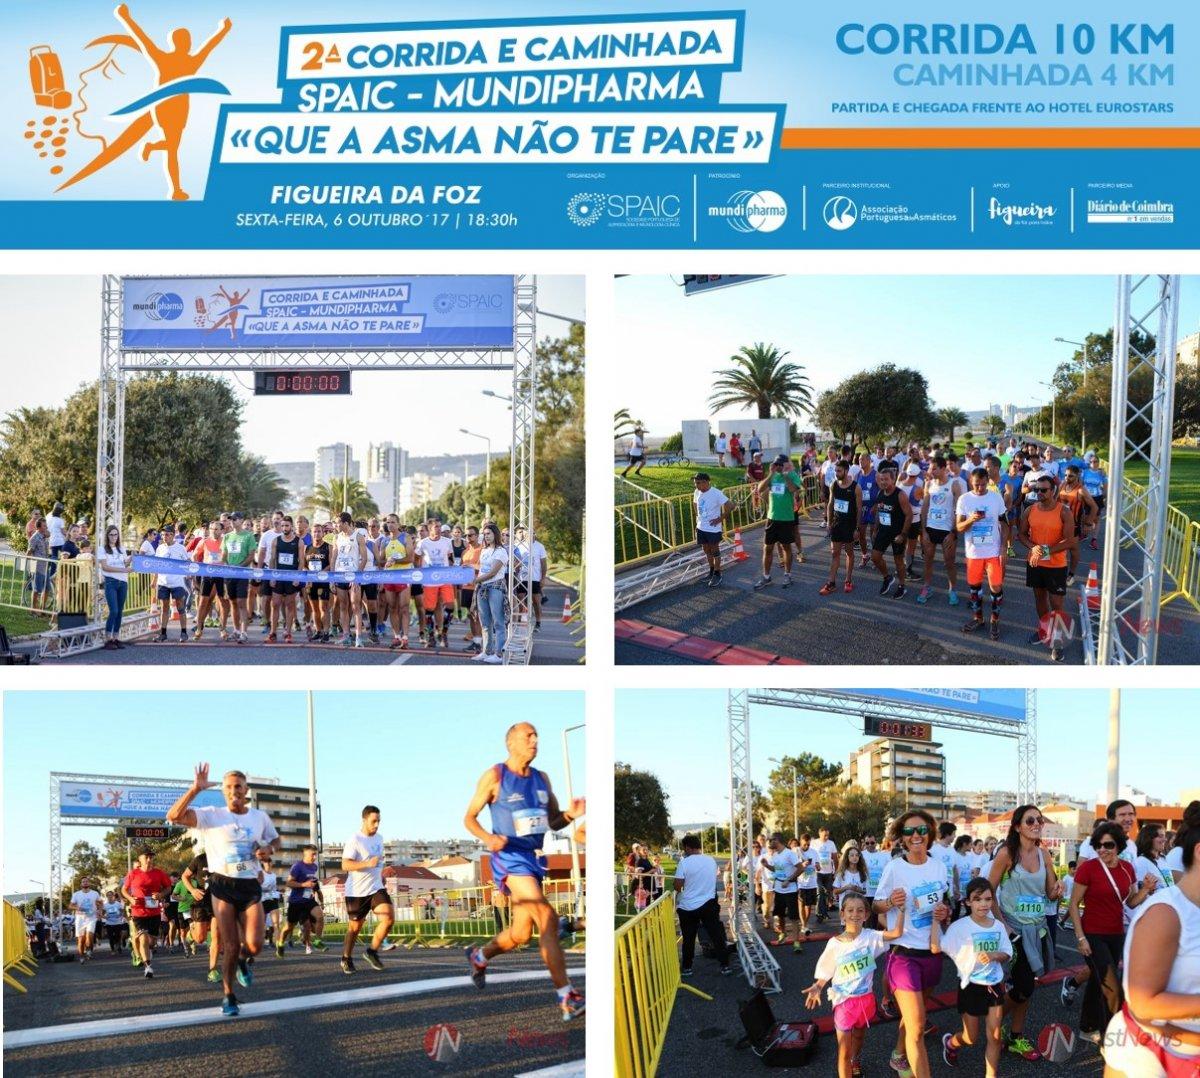 """2ª Corrida e Caminhada SPAIC – Mundipharma """"Que a asma não te pare"""""""